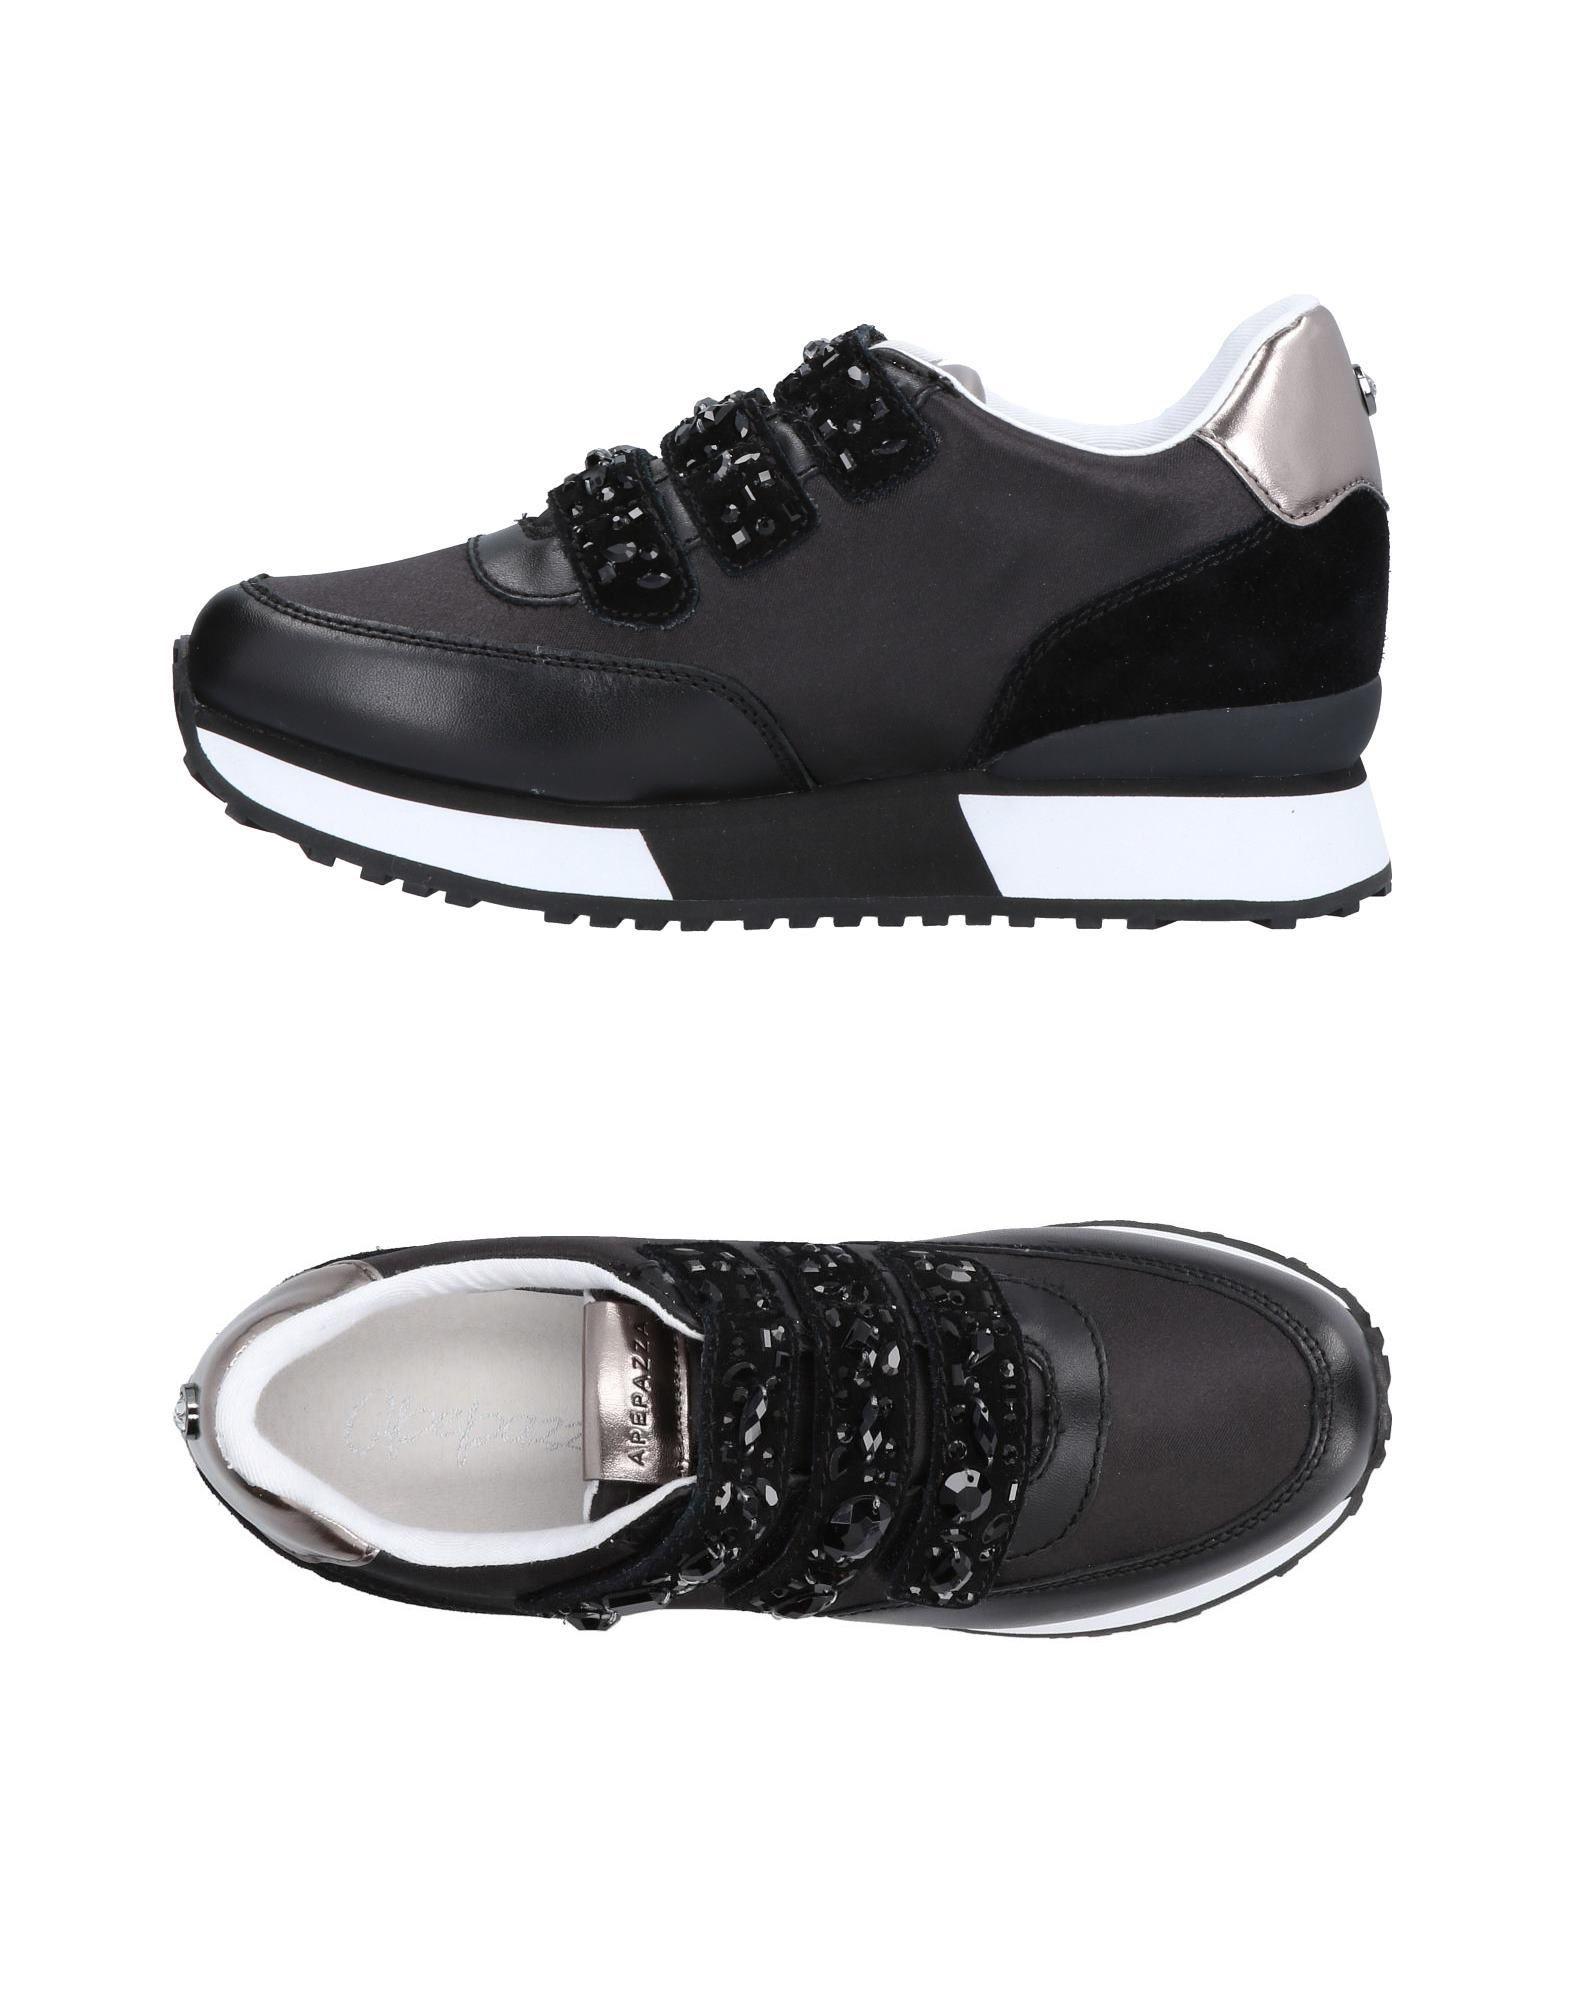 Zapatillas Mujer Apepazza Mujer Zapatillas - Zapatillas Apepazza  Negro 64a64e